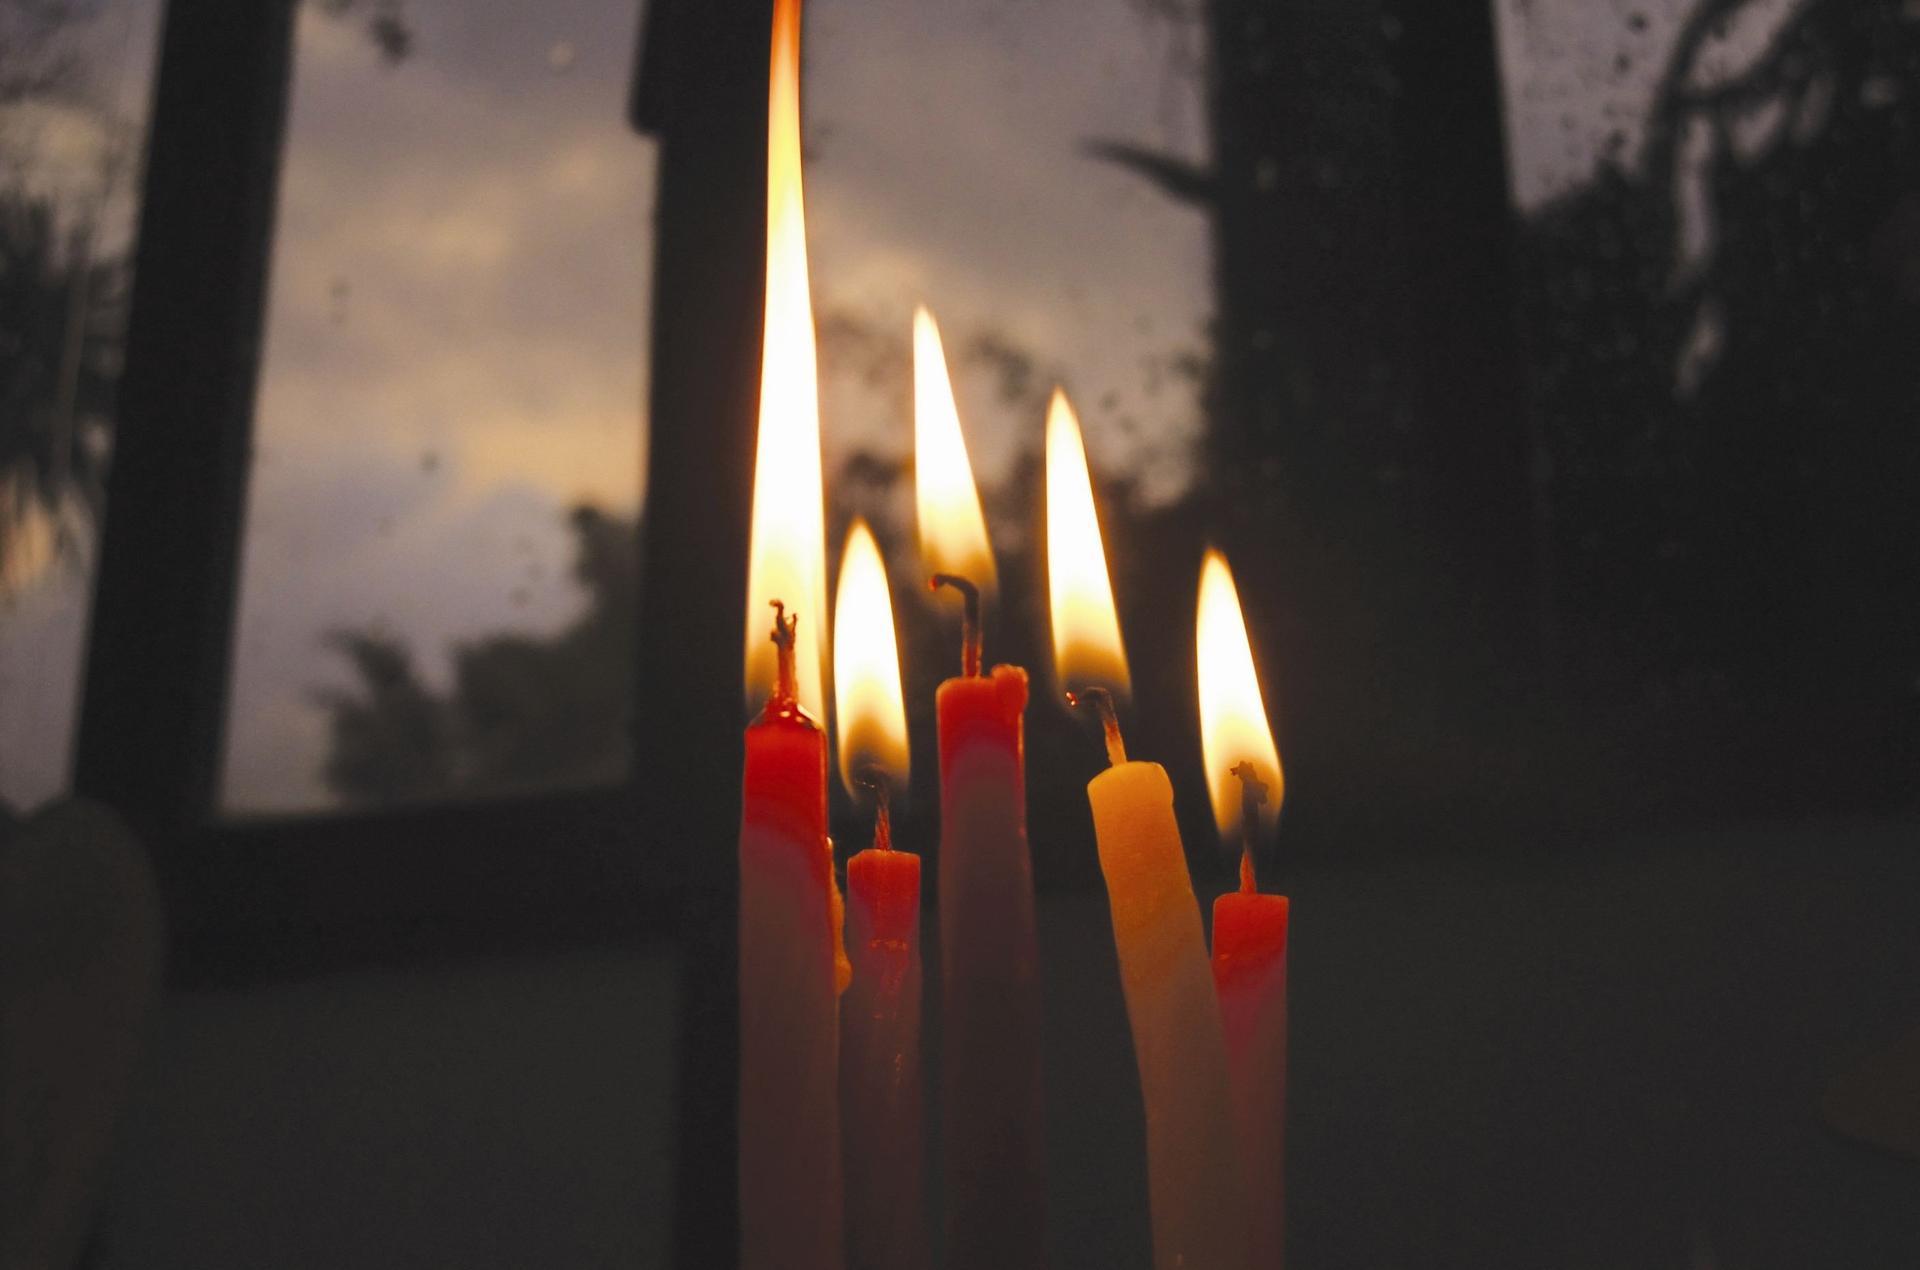 נרות חנוכה. צילום: ליהיא לפיד